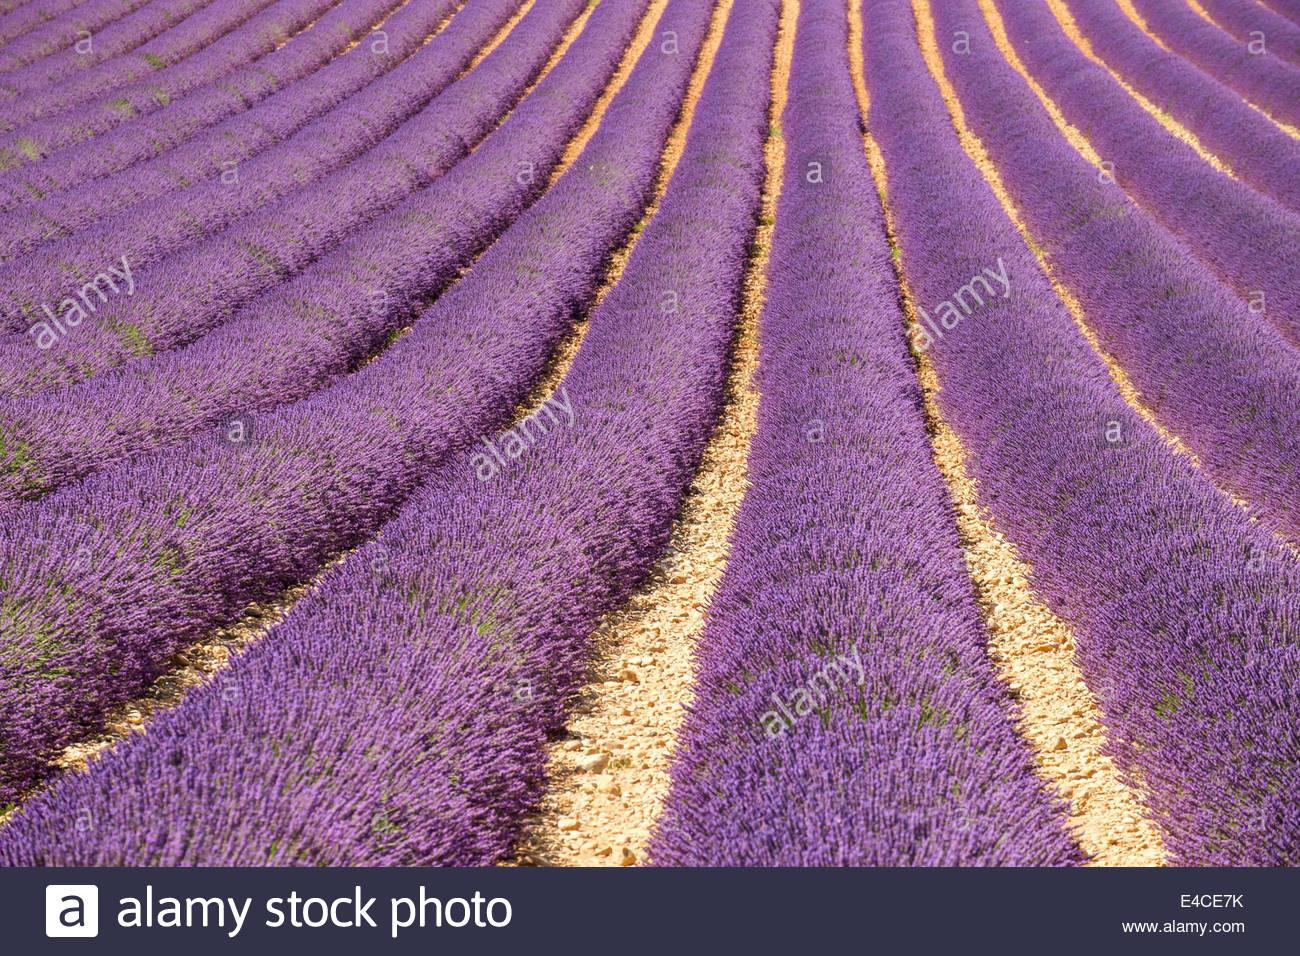 Vaucluse, France, le 8 juillet 2014. Champs de lavande en Provence sont de hauteur de fleurissent au début de juillet, alors que la récolte commence sur le Plateau du Vaucluse, Provence-Alpes-Côte d'Azur, France. Crédit: Jason Langley/Alamy Live News Banque D'Images